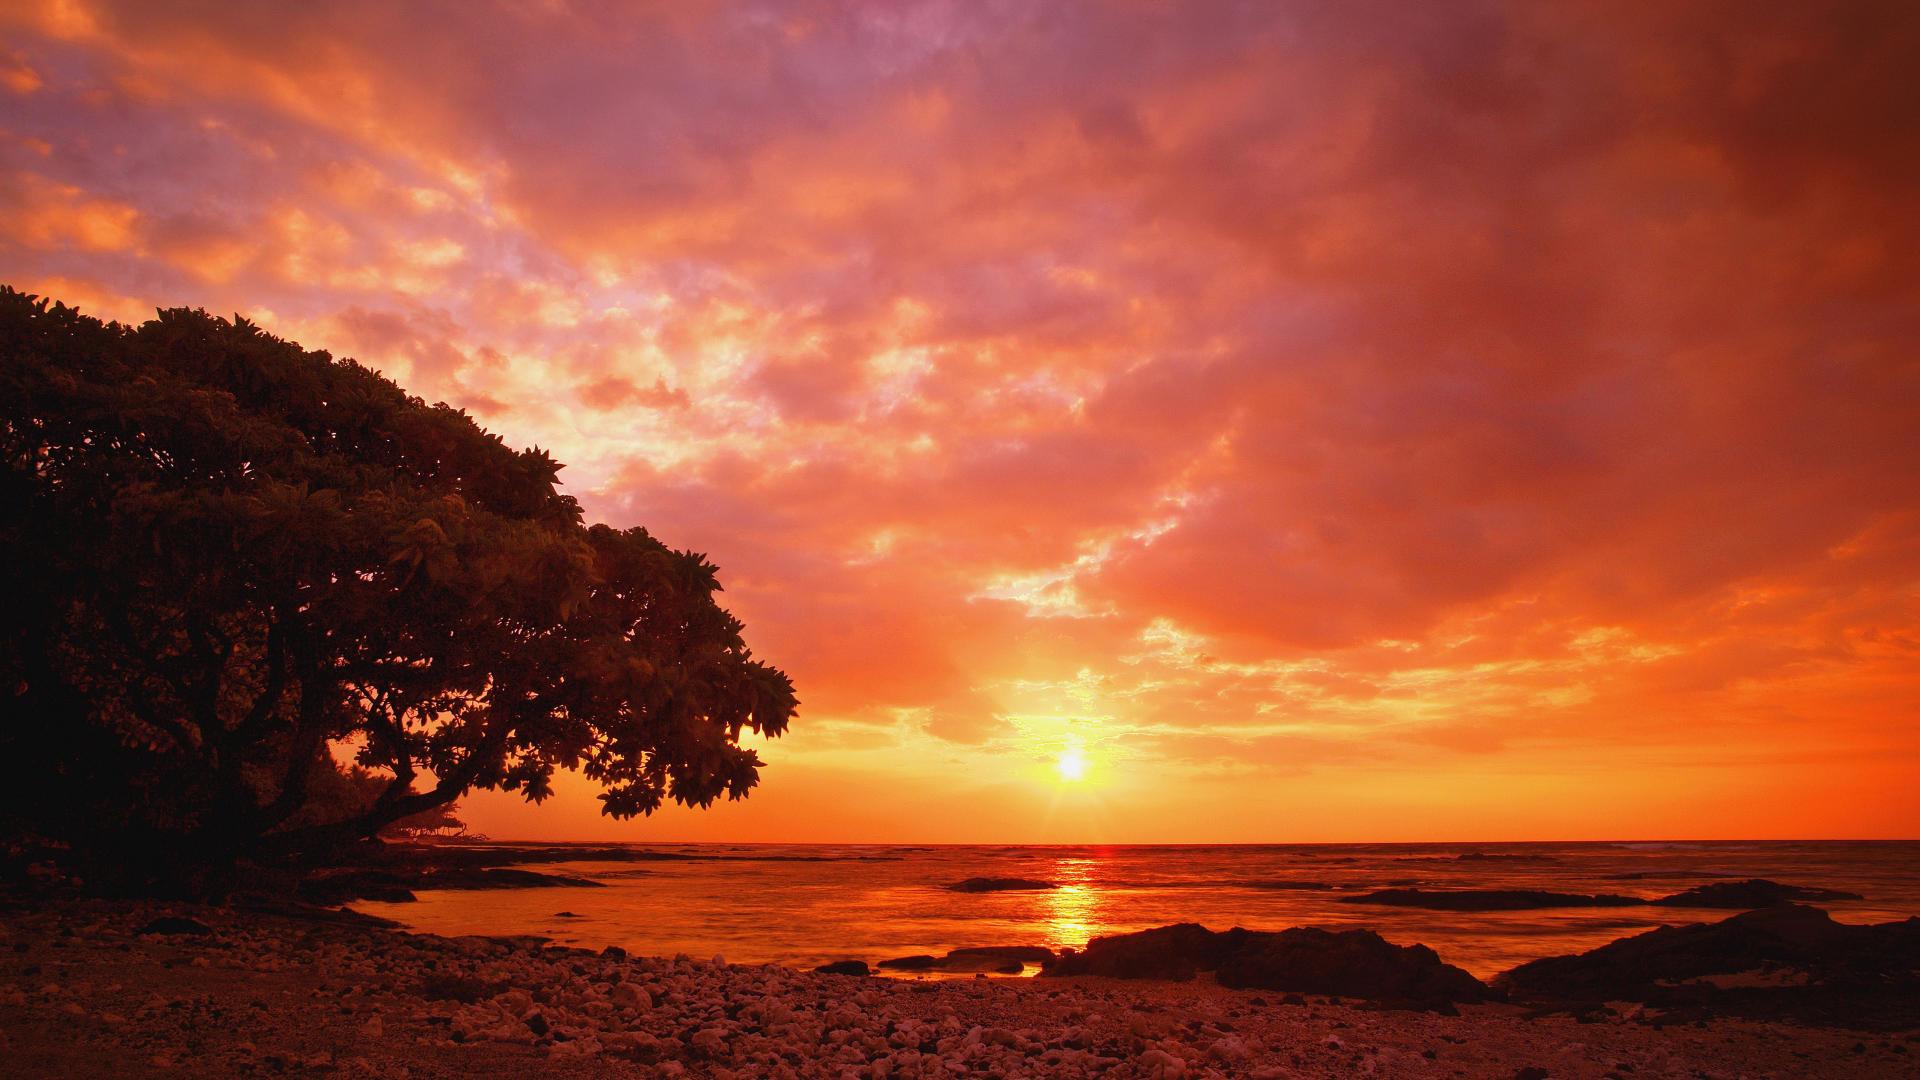 sunset wallpaper hd ·①